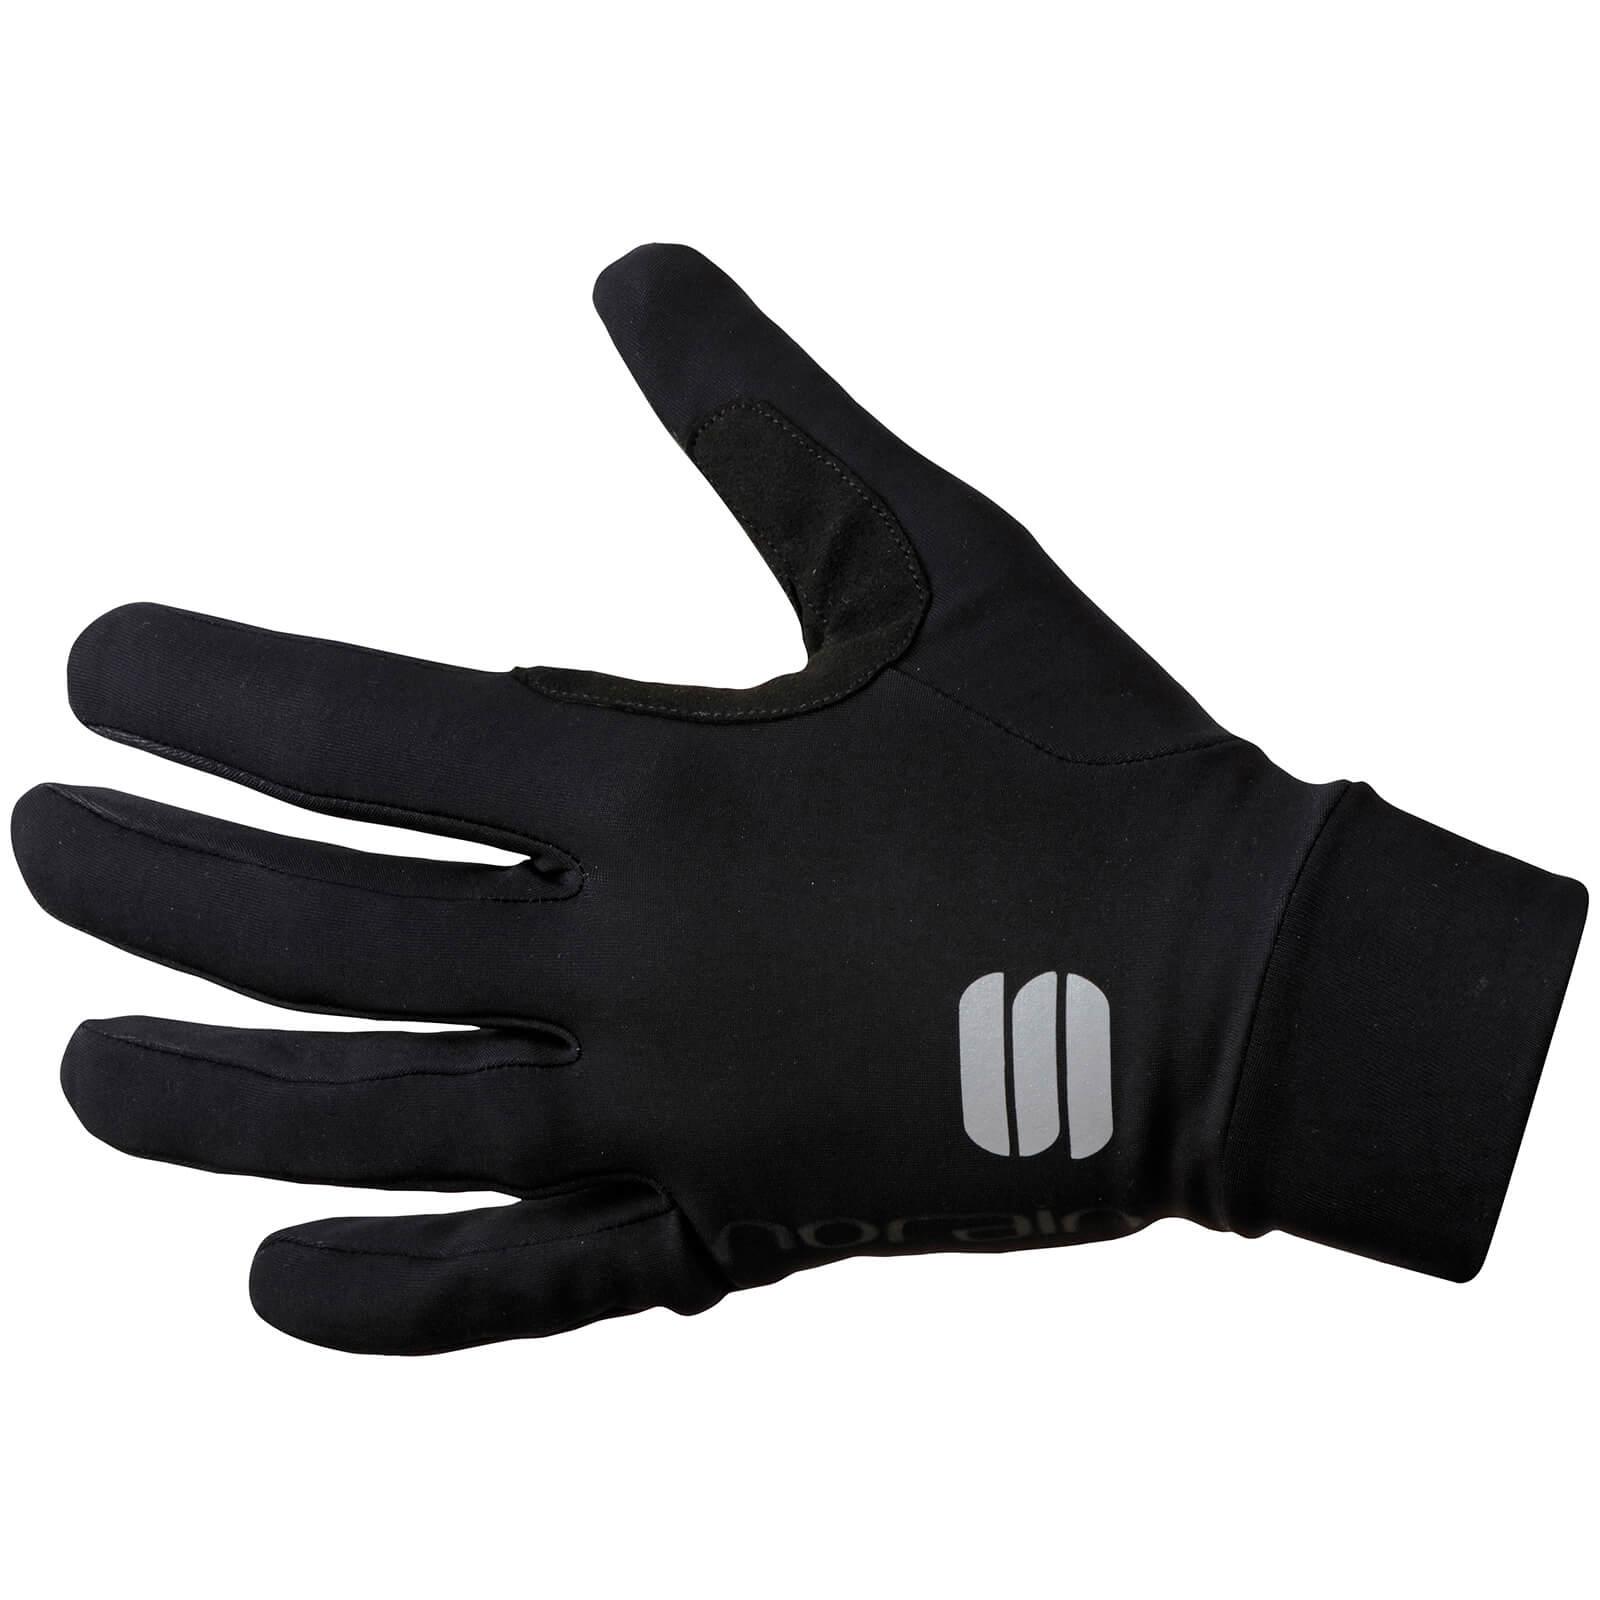 Sportful NoRain Gloves - Black - XL